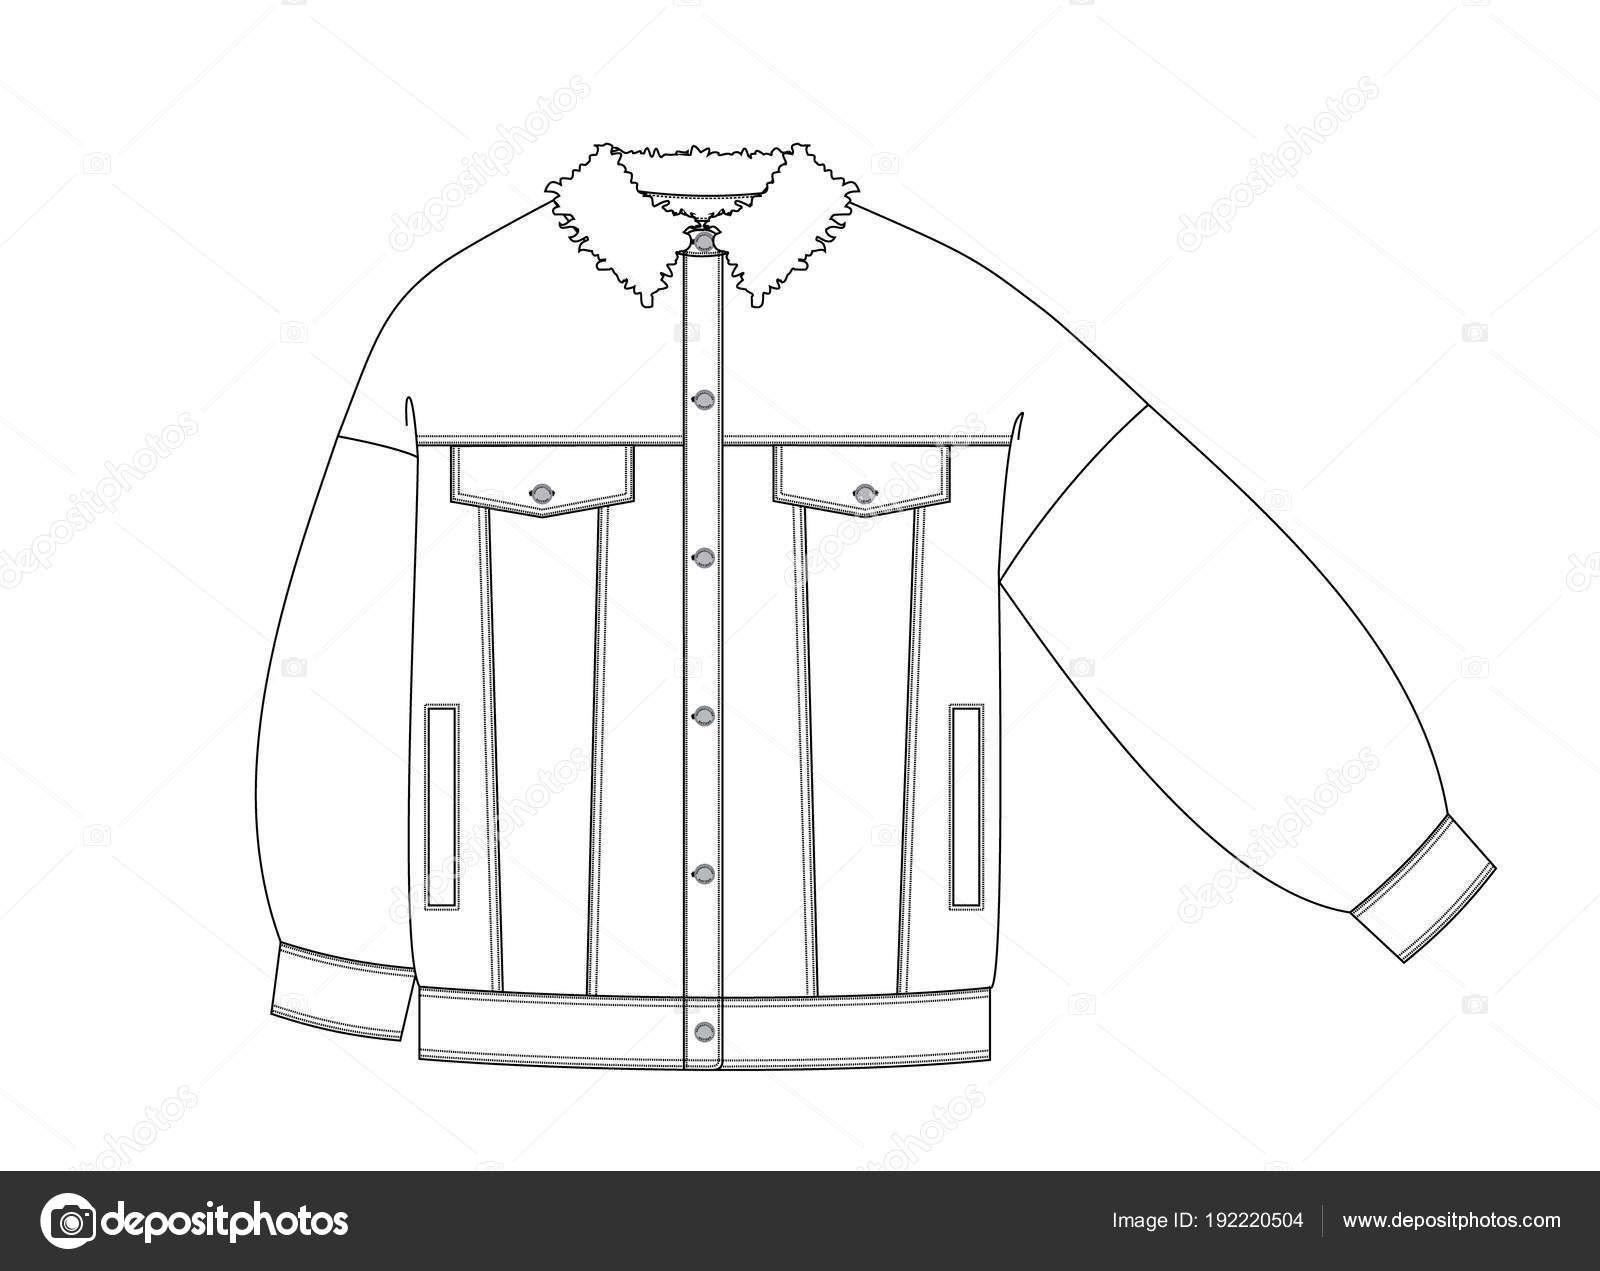 Pin von Go Fancy Upcycling auf Label in 2020 | Jacken